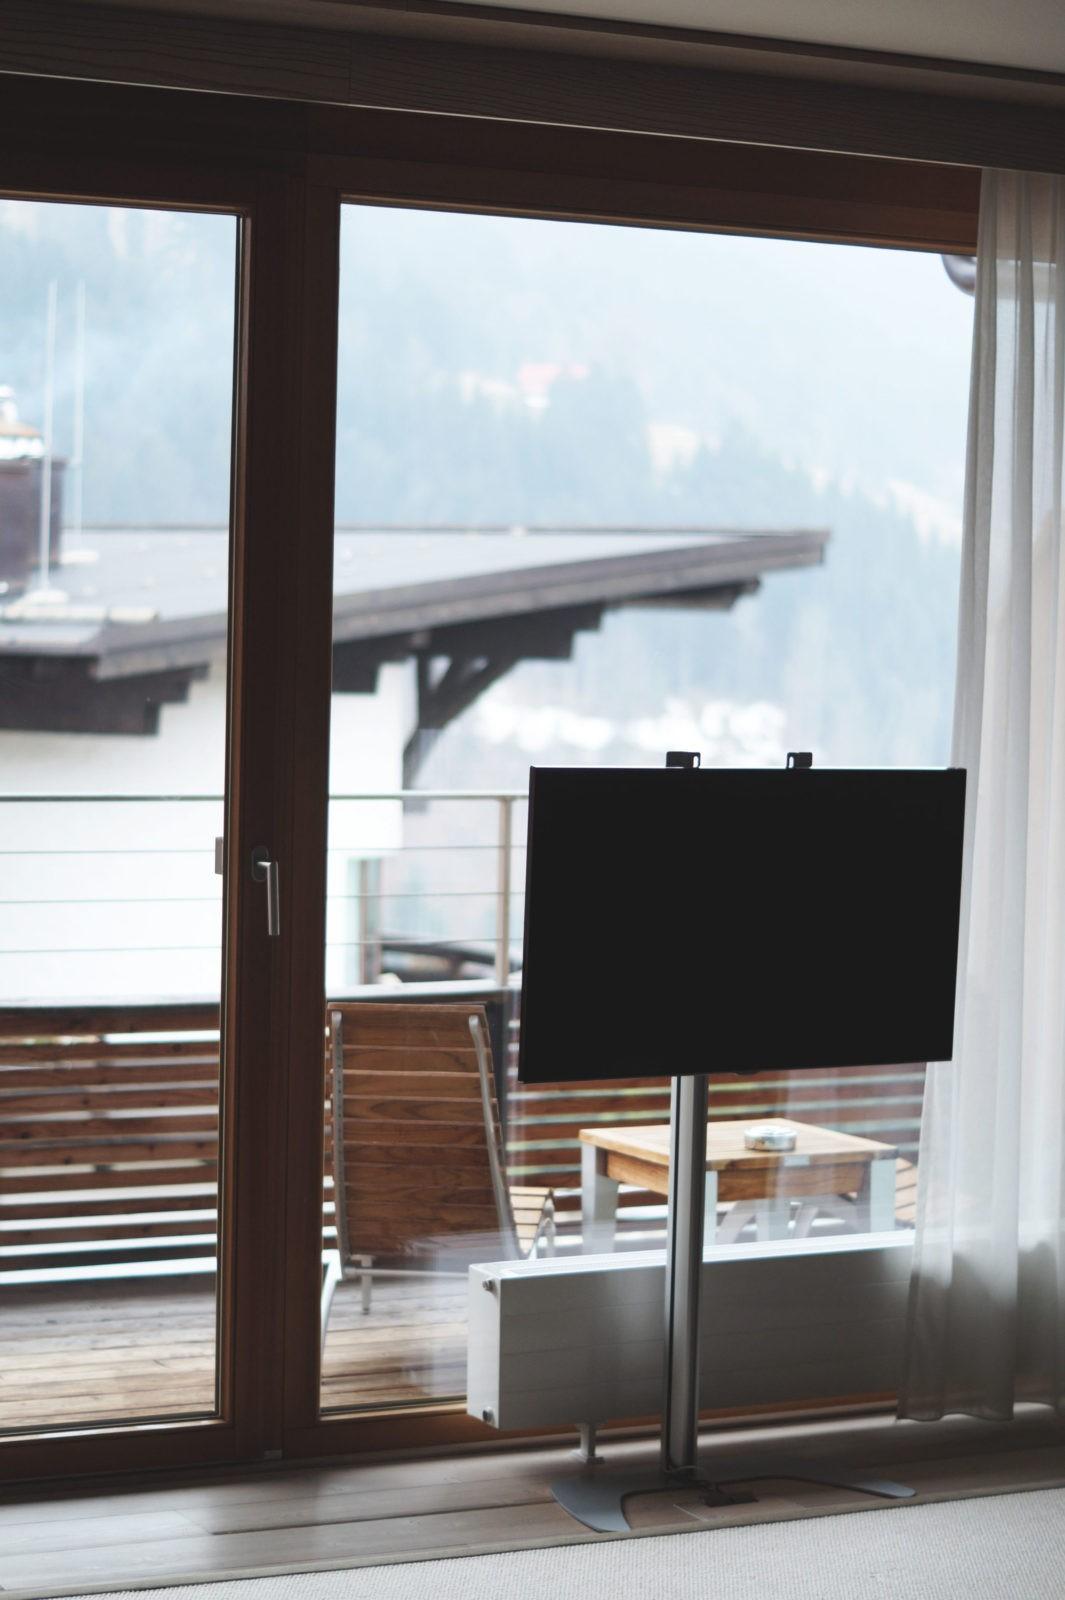 Hotel Review Travel Charme Ifen Hotel Kleinwalsertal Austria Österreich Hotelbewertung